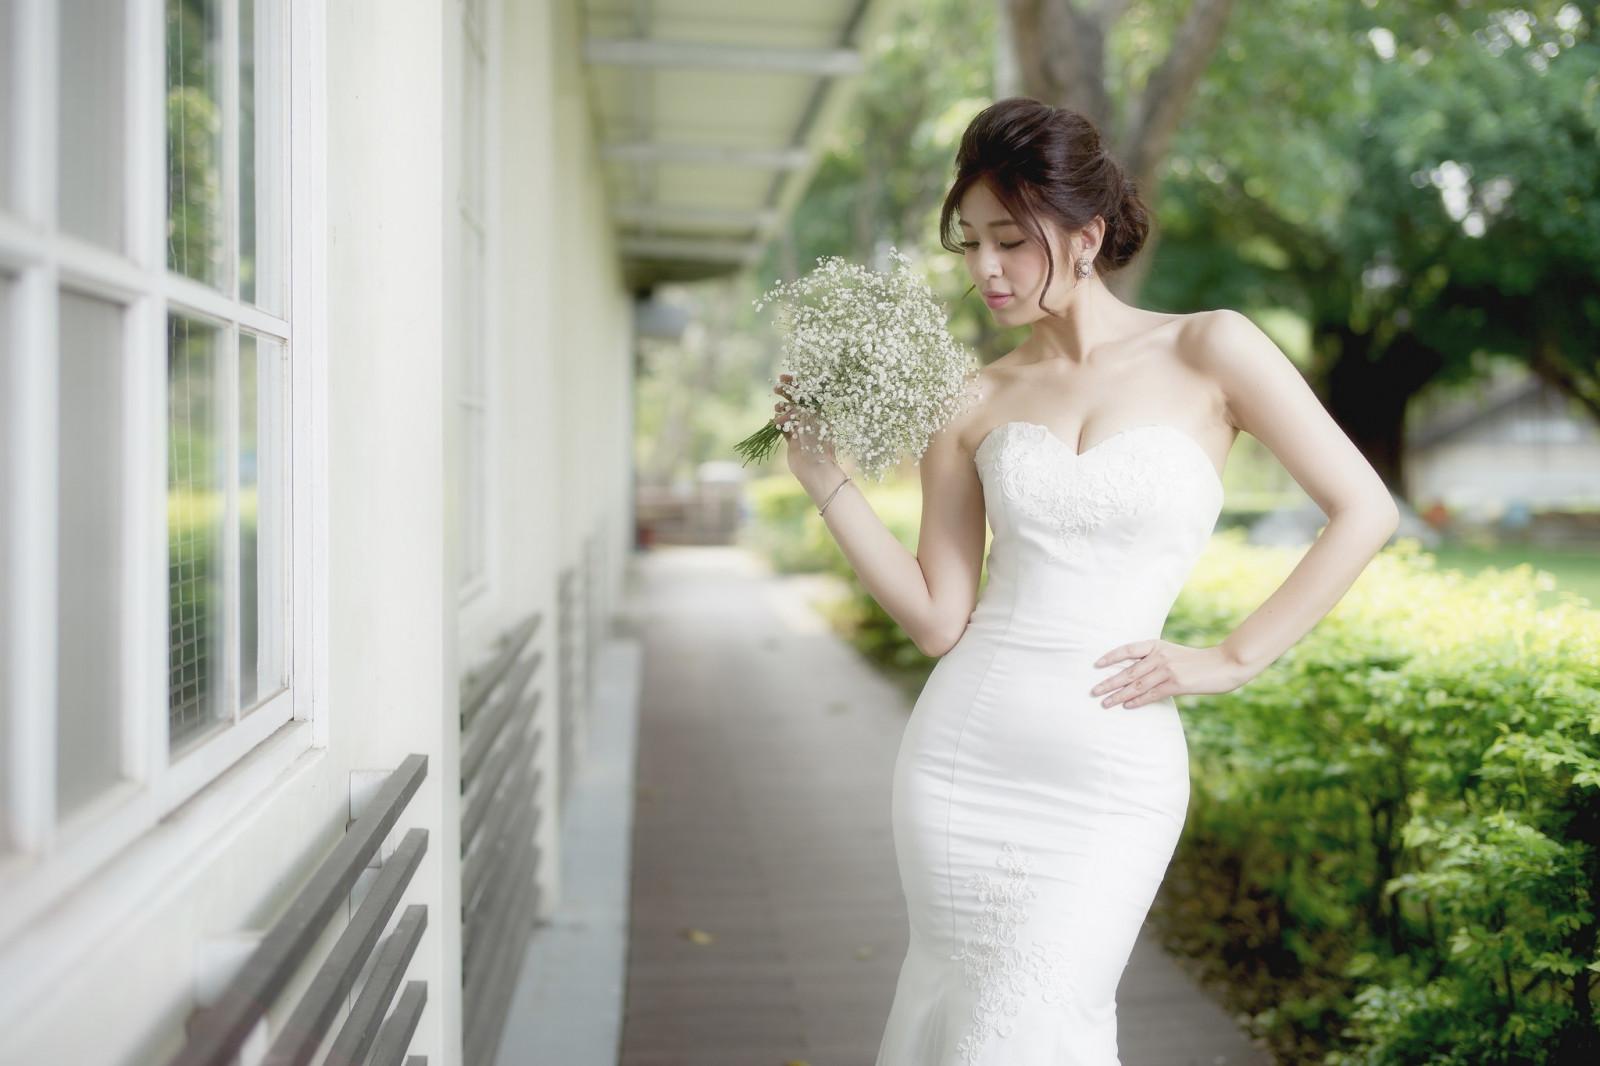 デスクトップ壁紙 女性 モデル フラワーズ アジア人 白いドレス